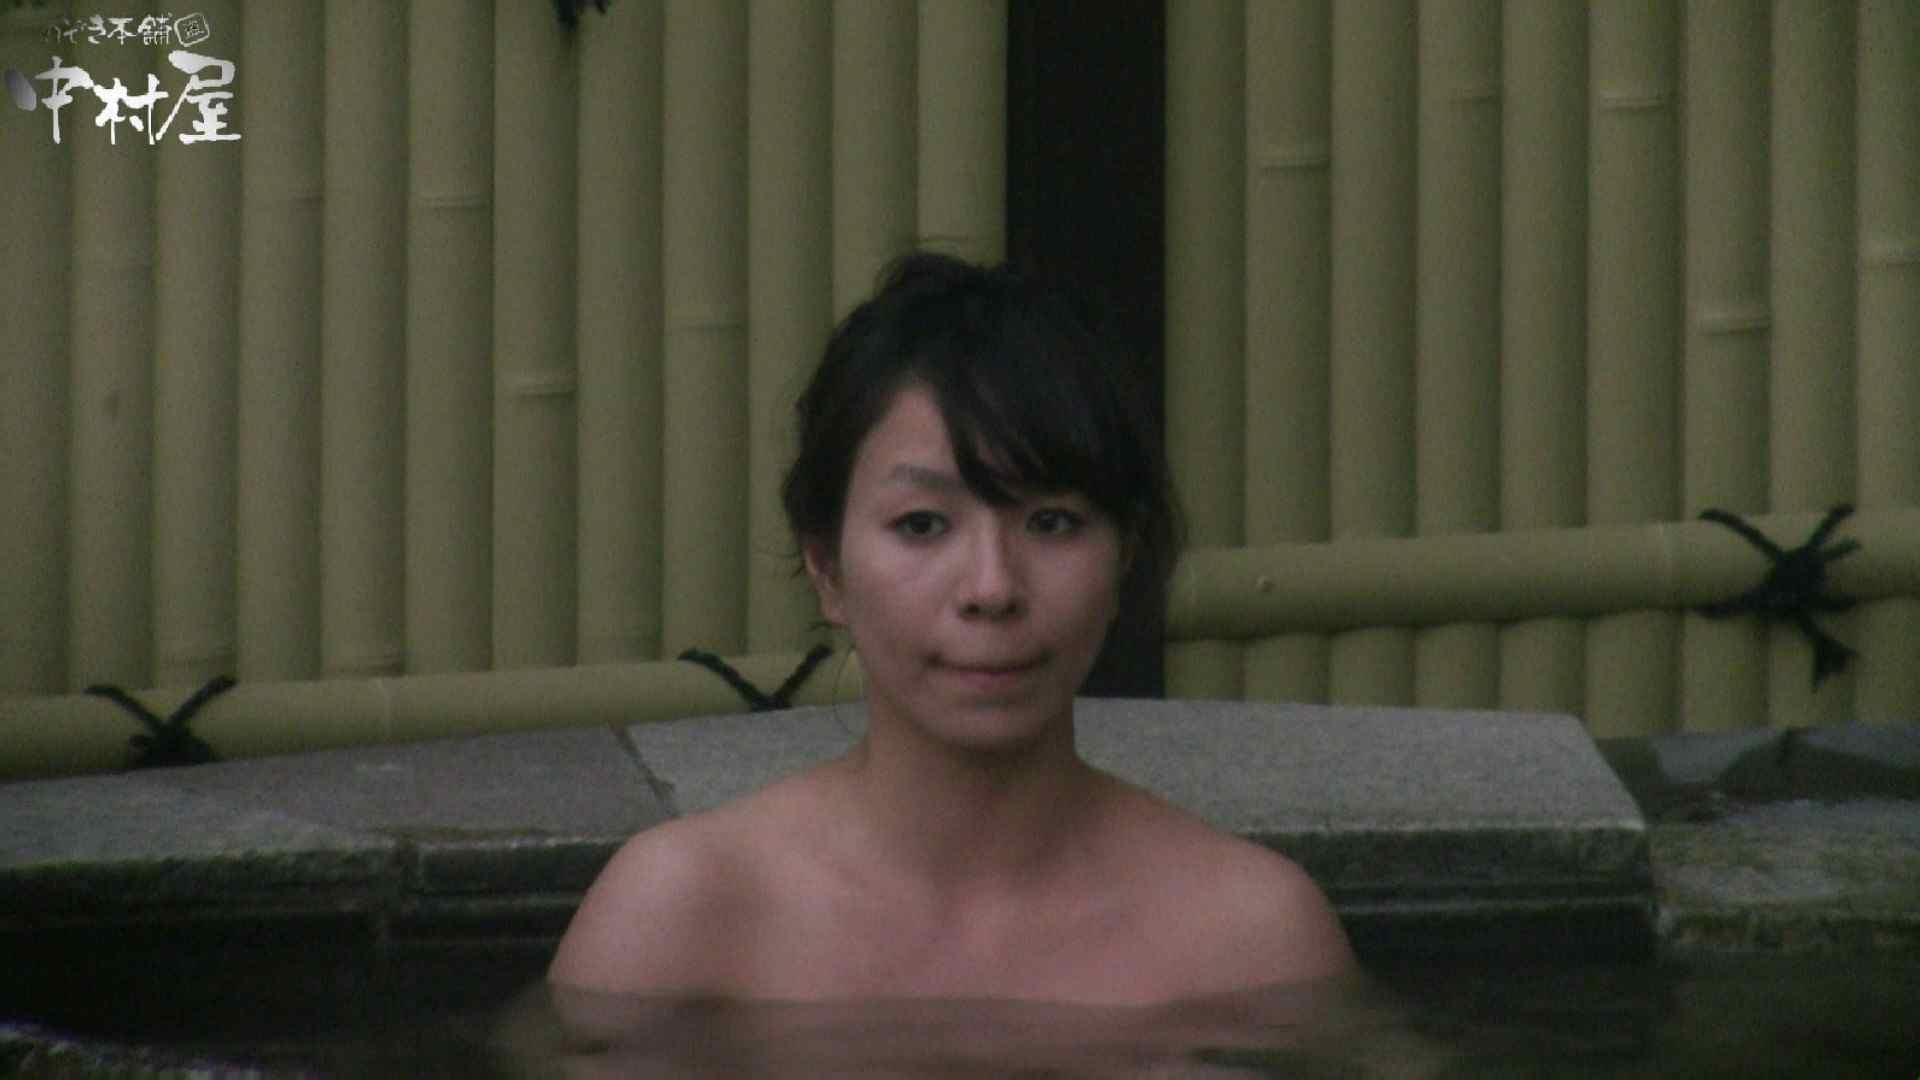 Aquaな露天風呂Vol.930 OL  66pic 19